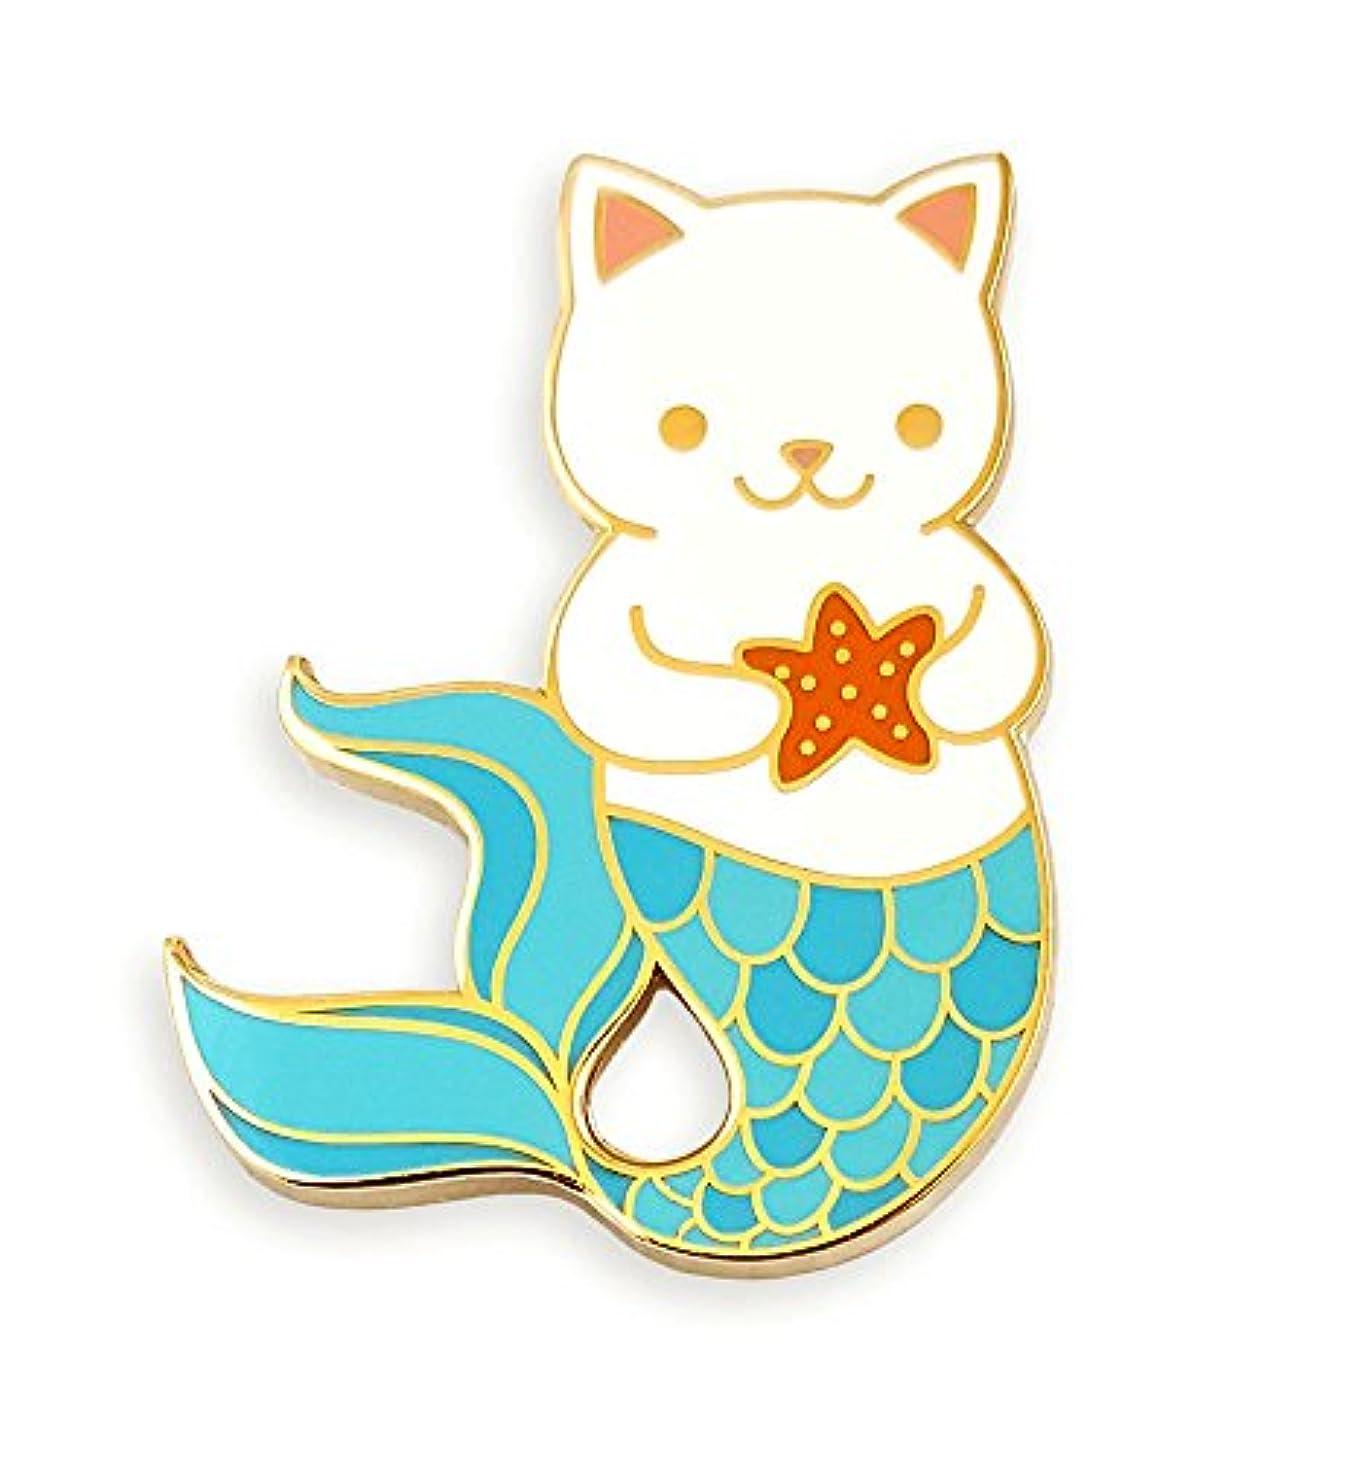 Pinsanity Cute Cat Mermaid Enamel Lapel Pin